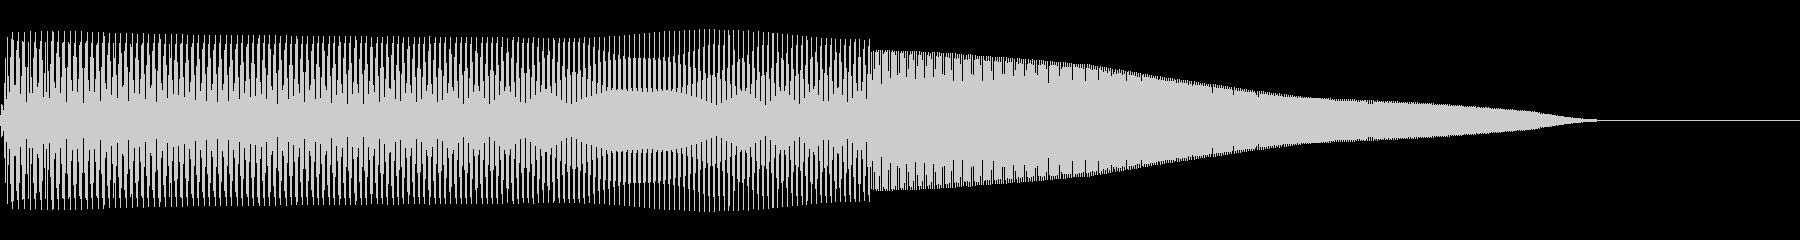 プーパー(ファミコン/ジャンプ/落下)の未再生の波形